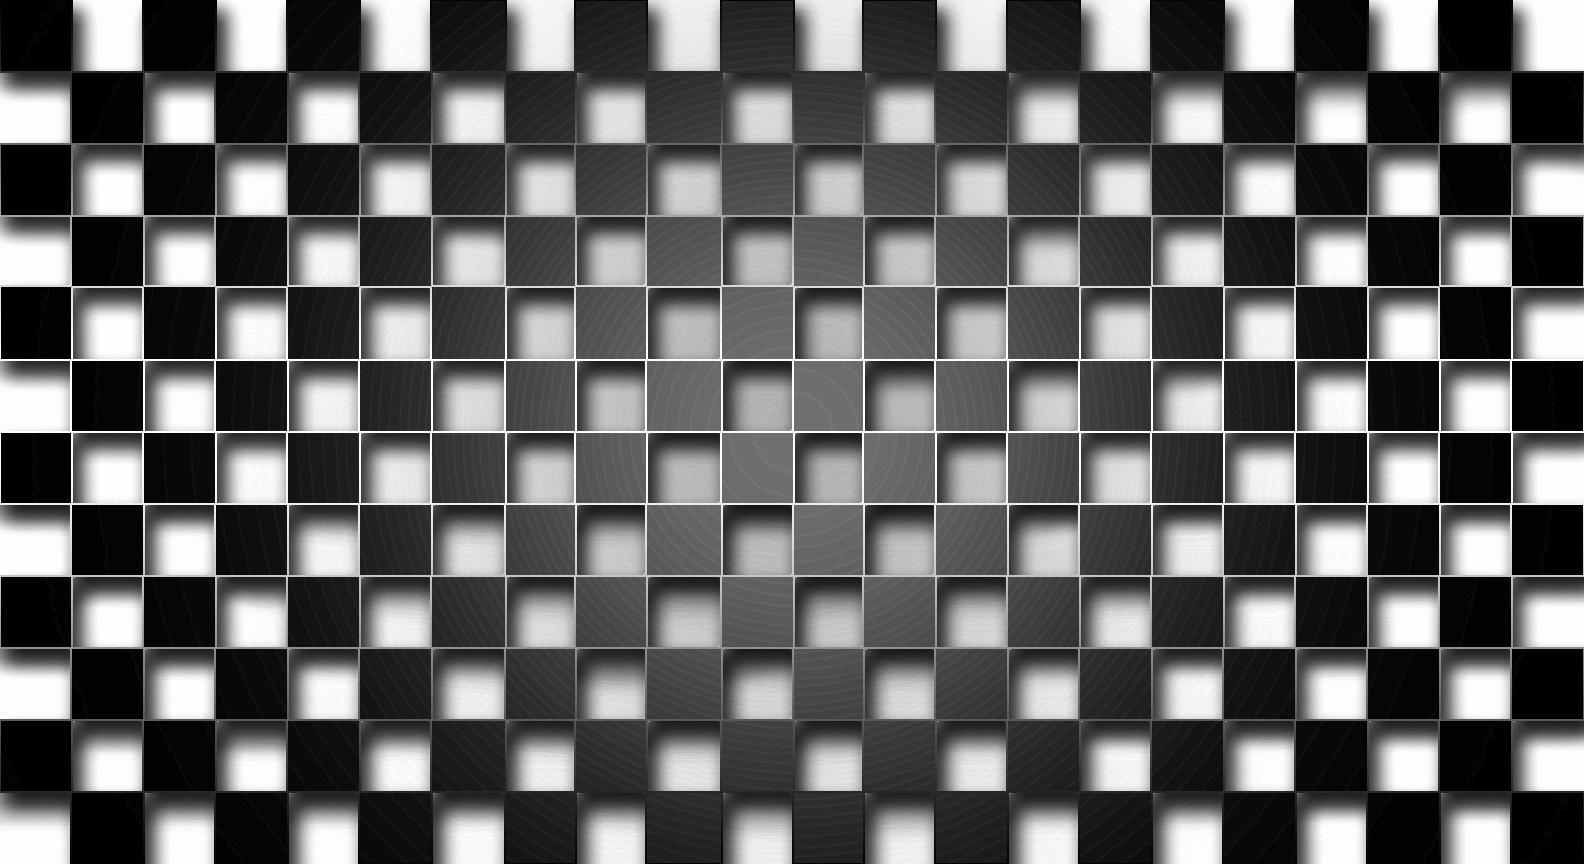 Pictures Of A Checker Board Unique Checkerboard Wallpaper